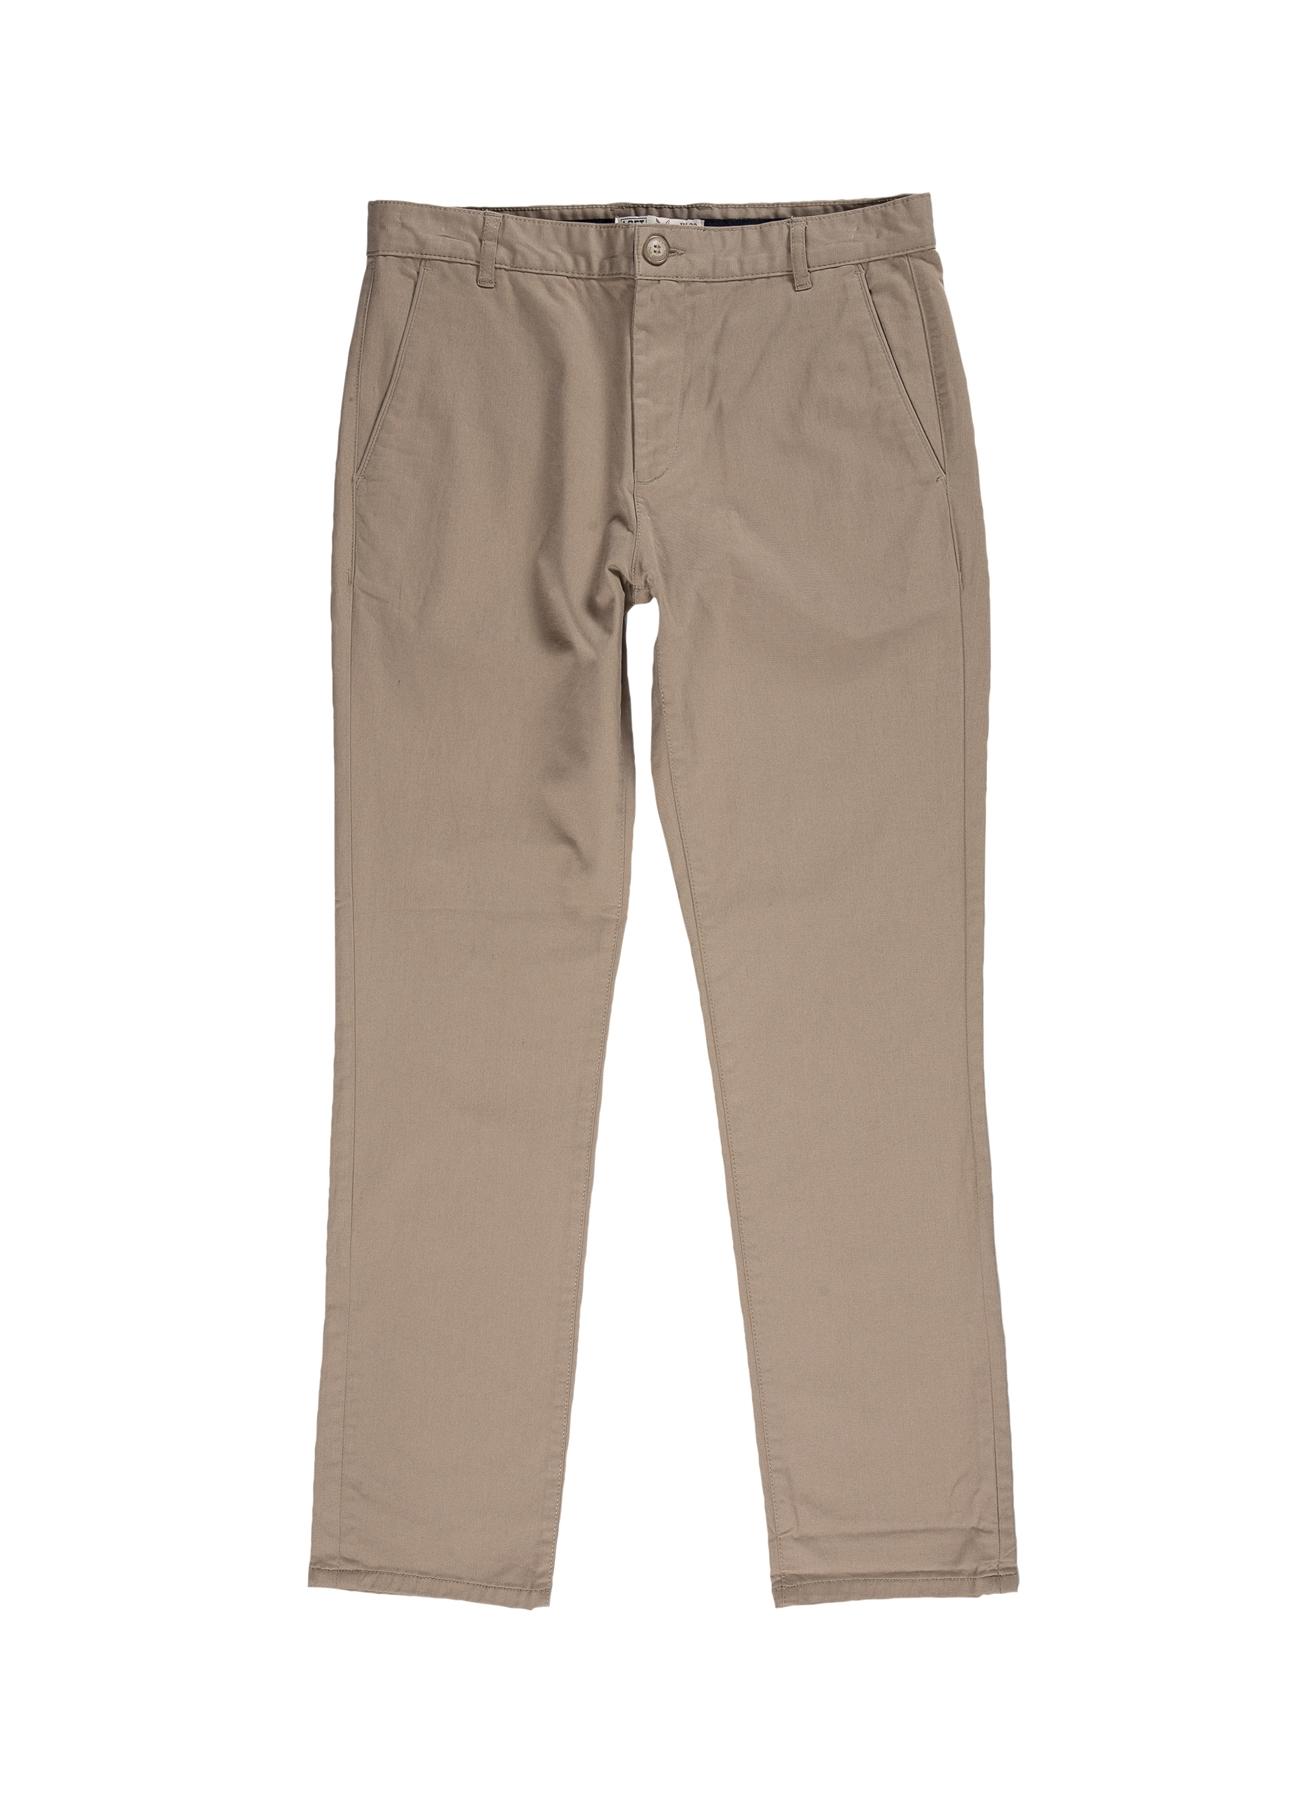 Loft Klasik Pantolon 32-32 5000201921007 Ürün Resmi